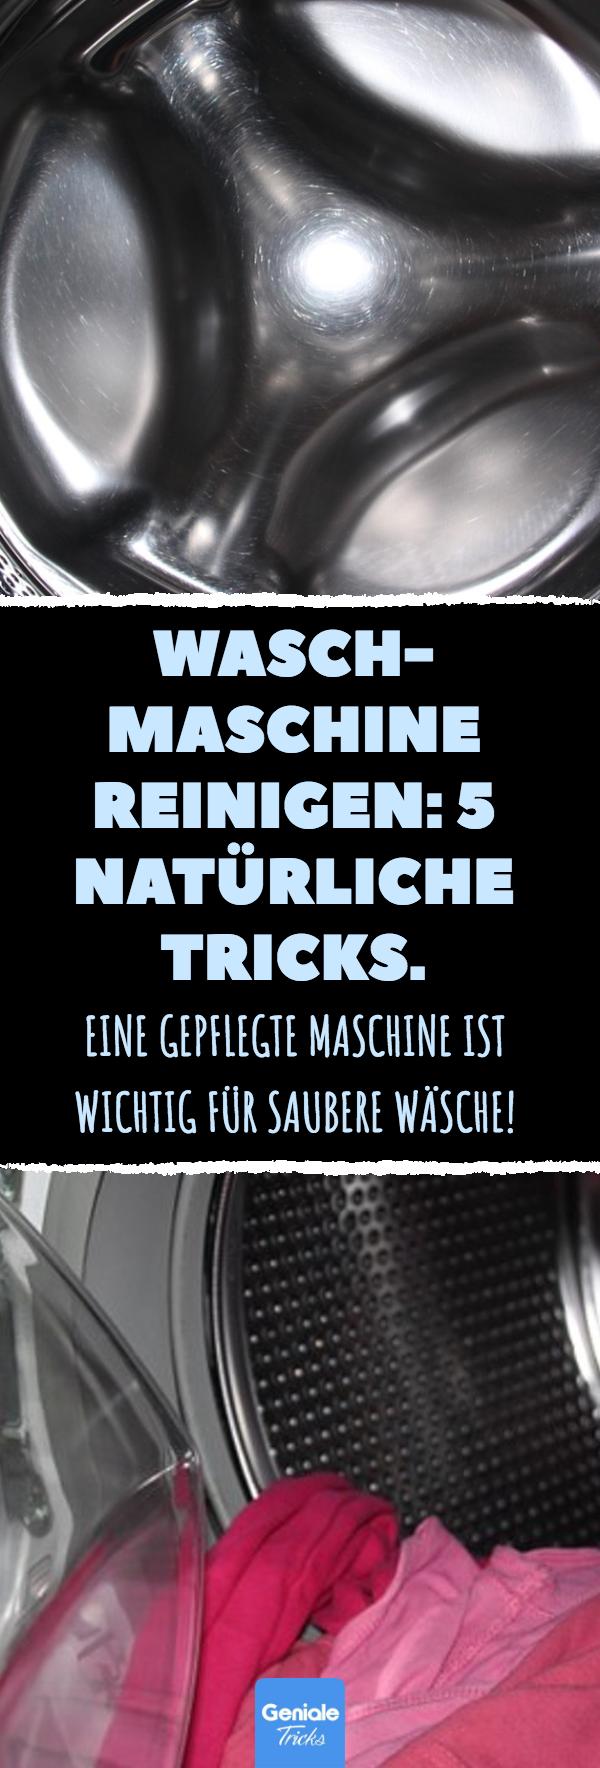 waschmaschine reinigen 5 nat rliche tricks haushalt. Black Bedroom Furniture Sets. Home Design Ideas